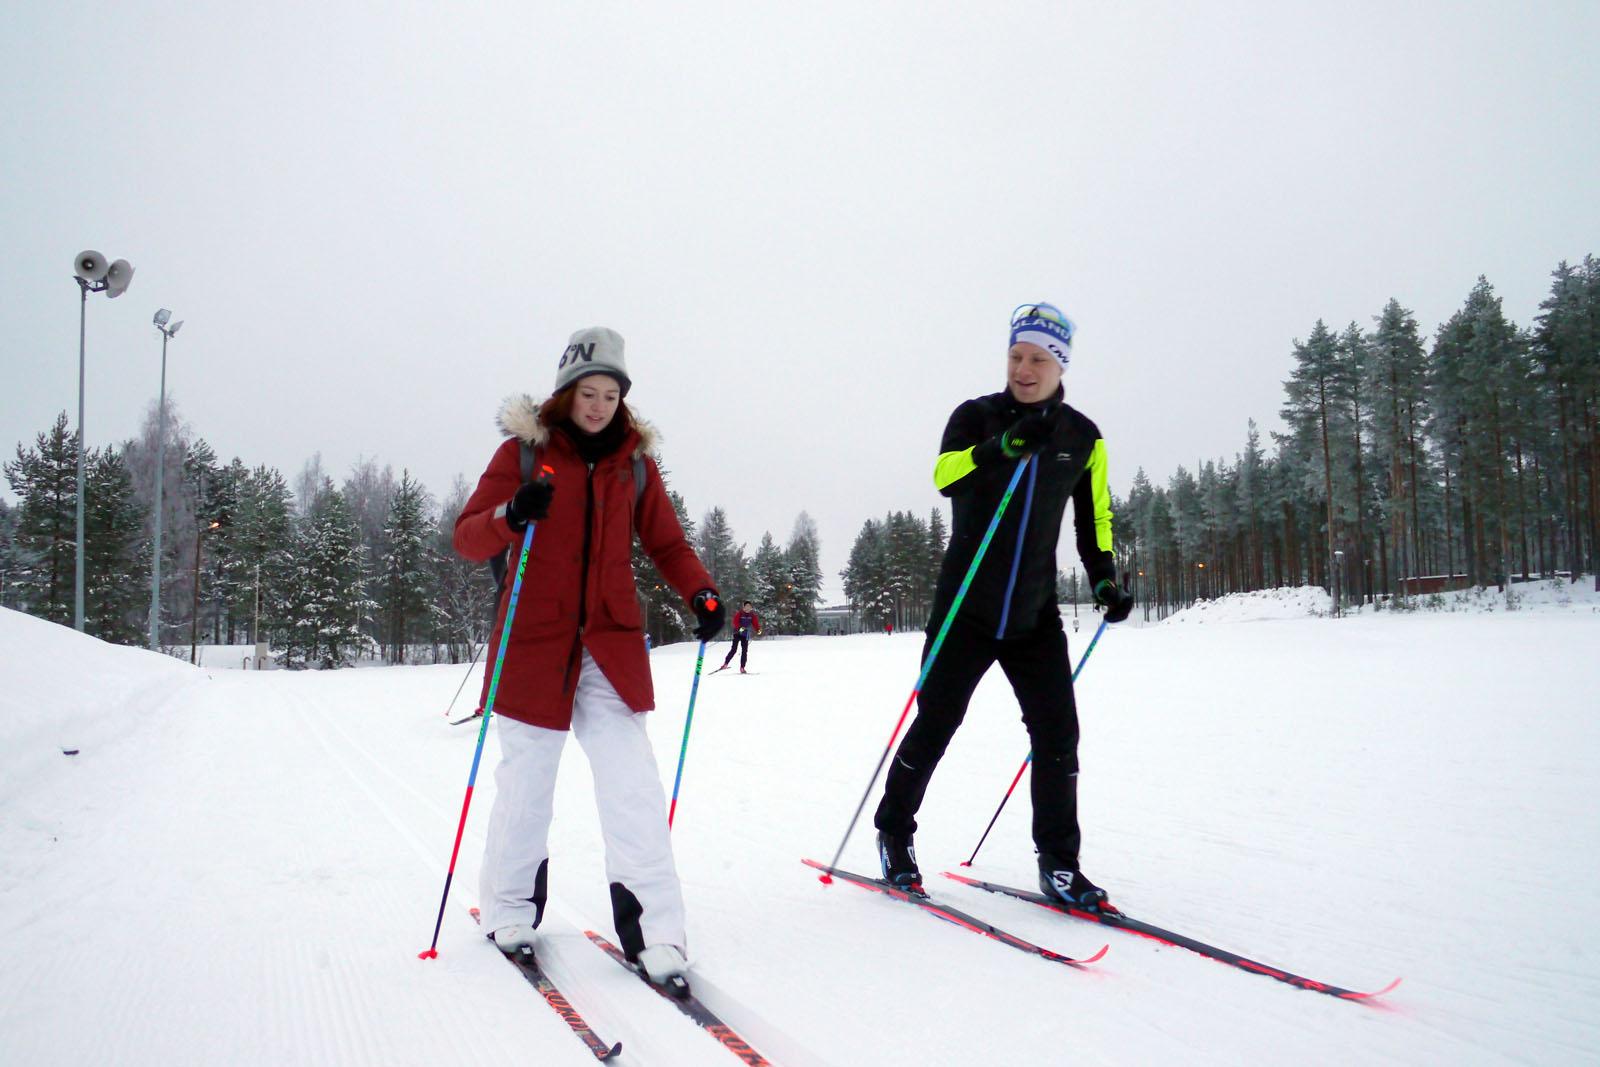 langlauf-vuokatti sport-finnland-winter